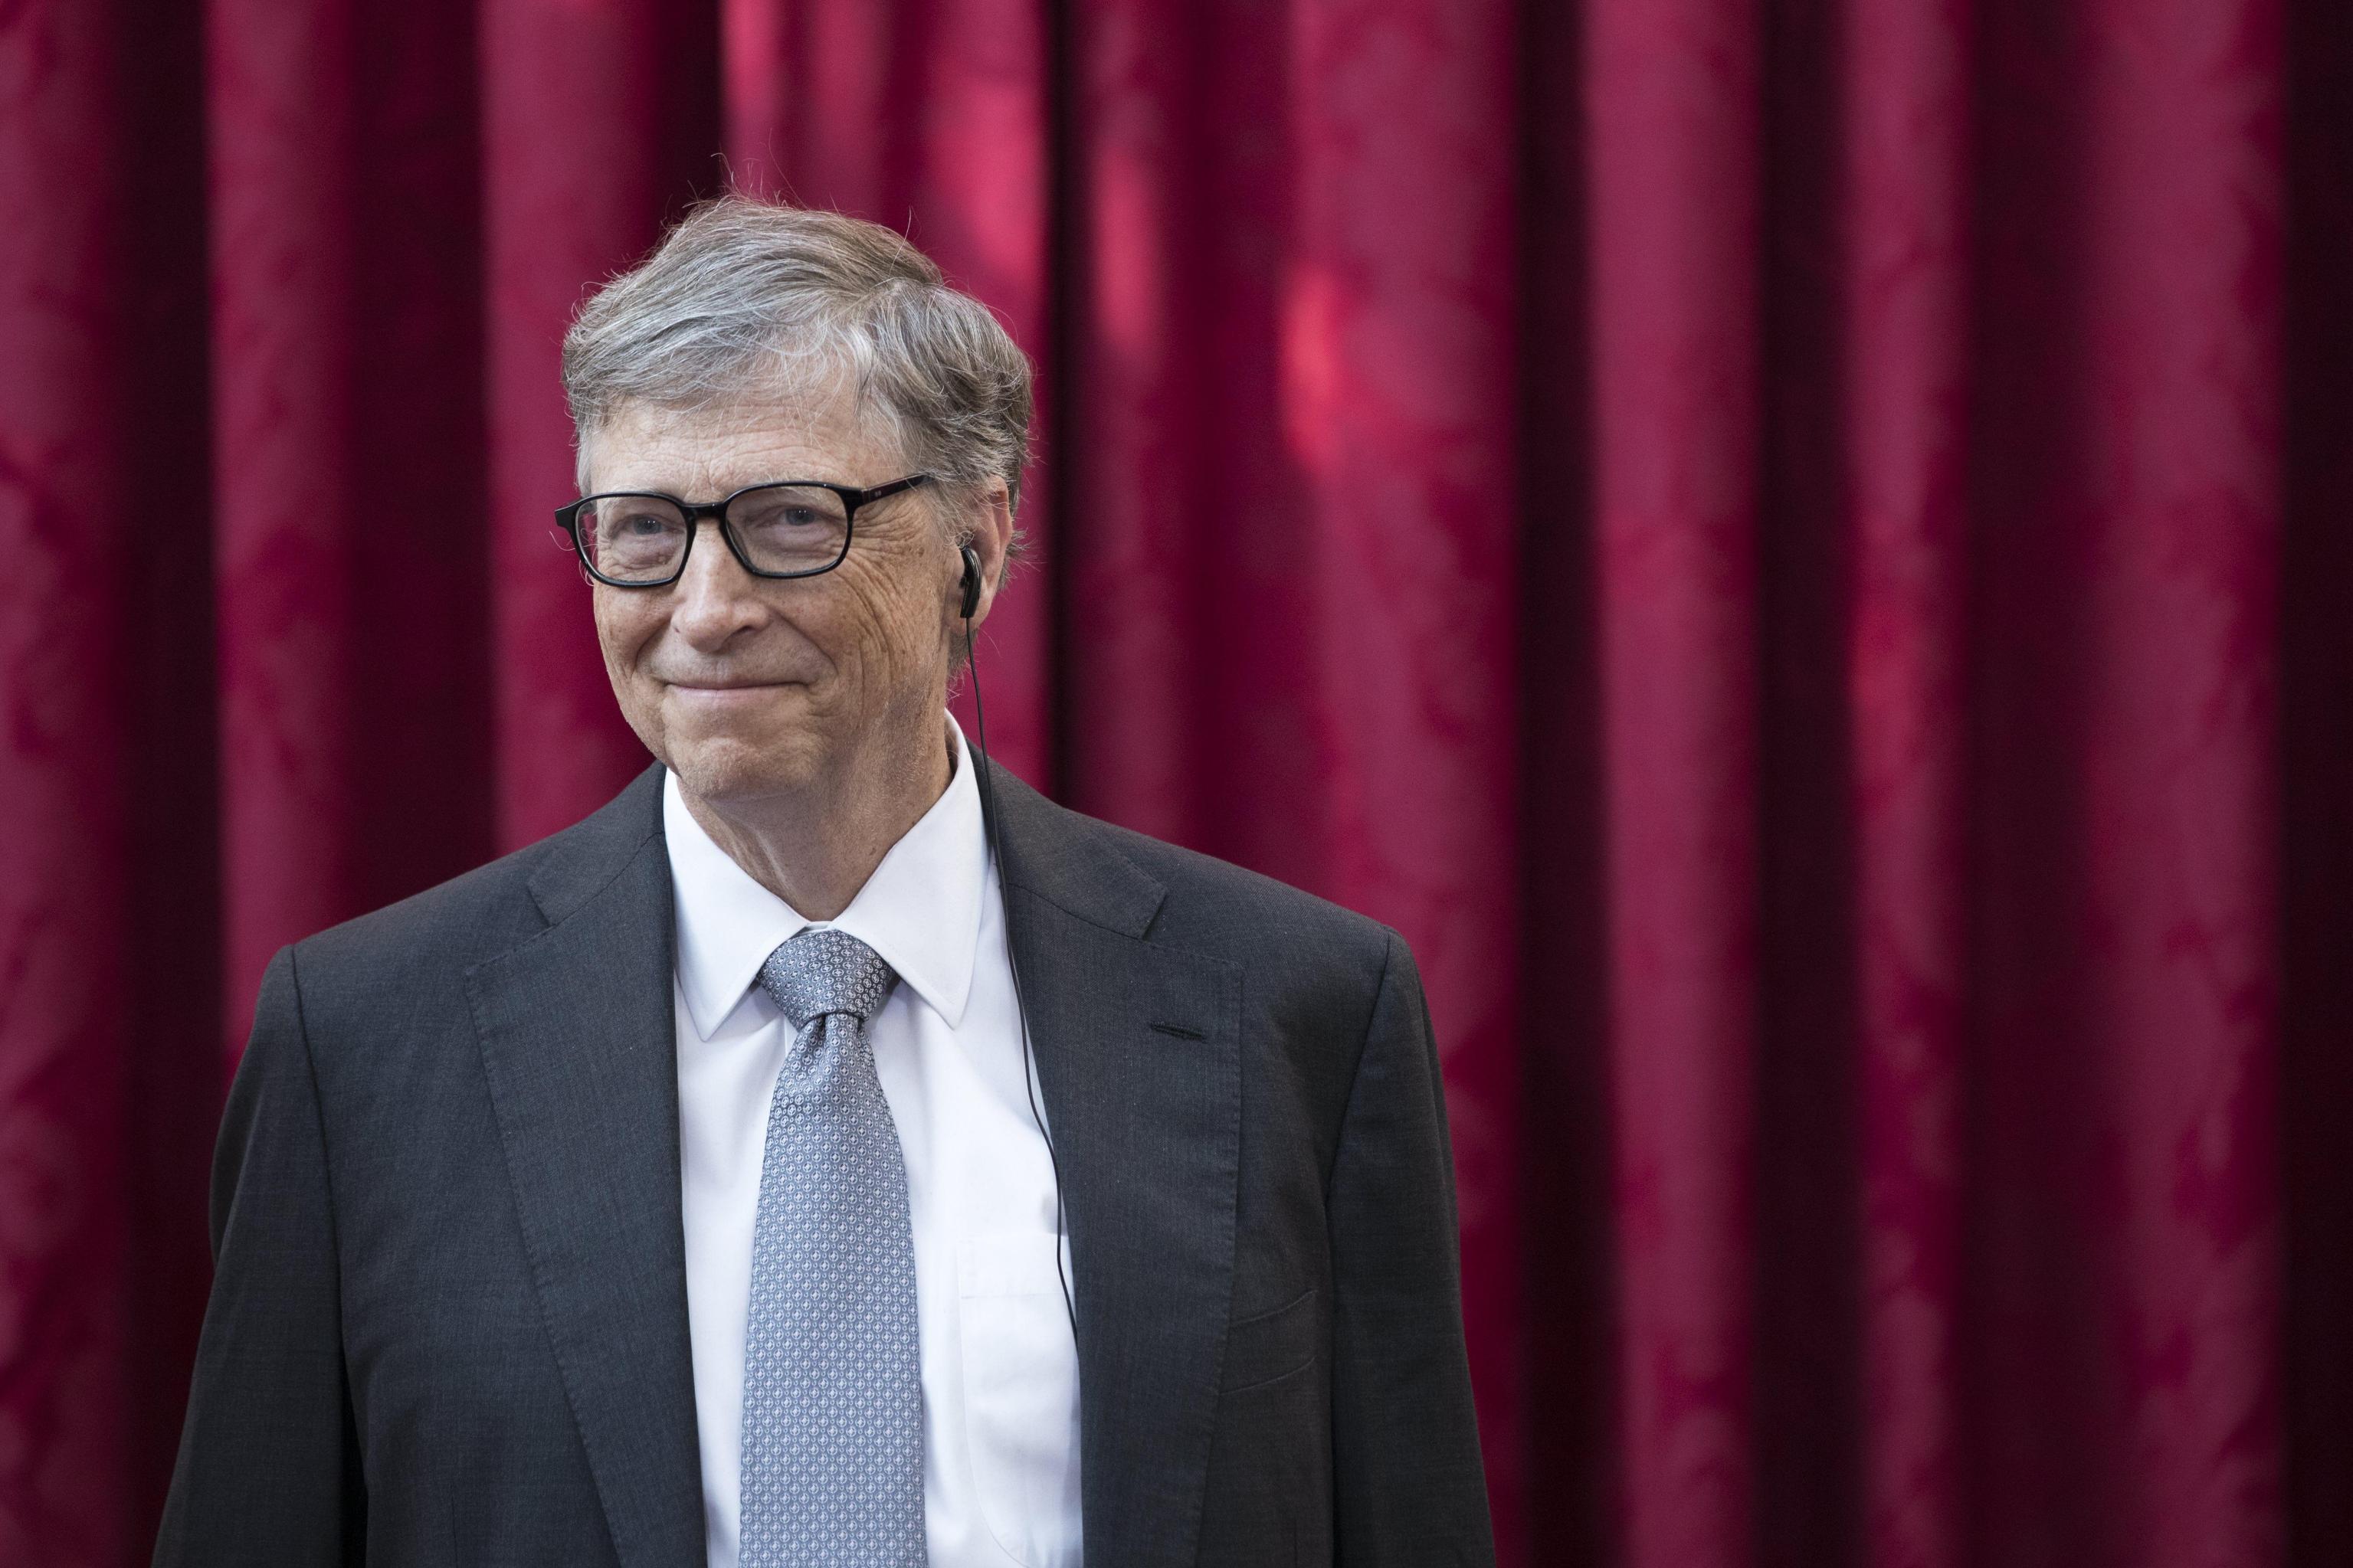 Bill Gates sui migranti: 'L'Europa renda più difficili gli ingressi'